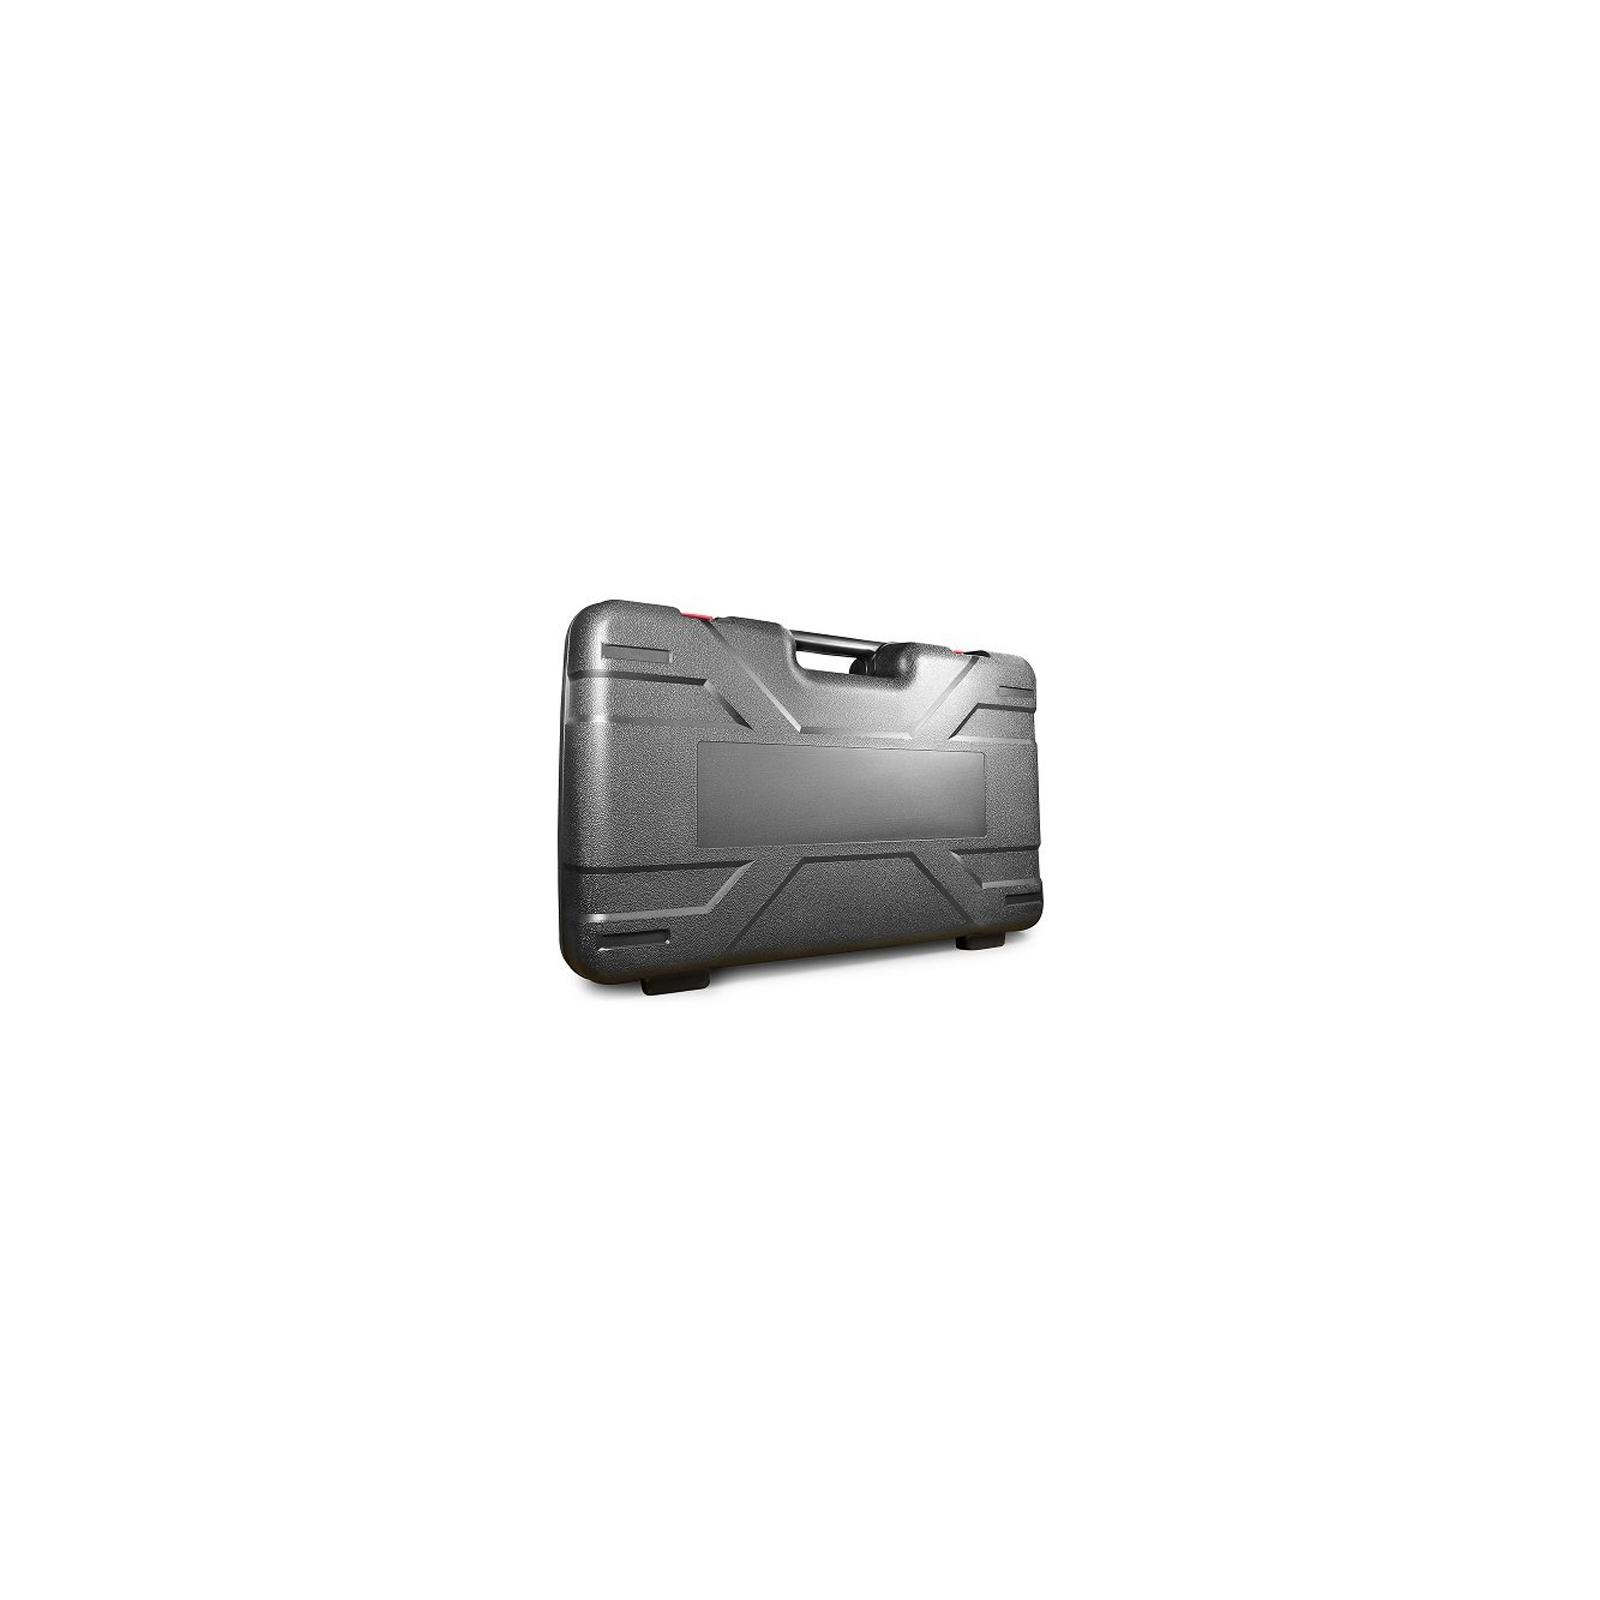 Отбойный молоток Stark RH 1650 MAX (140065030) изображение 5